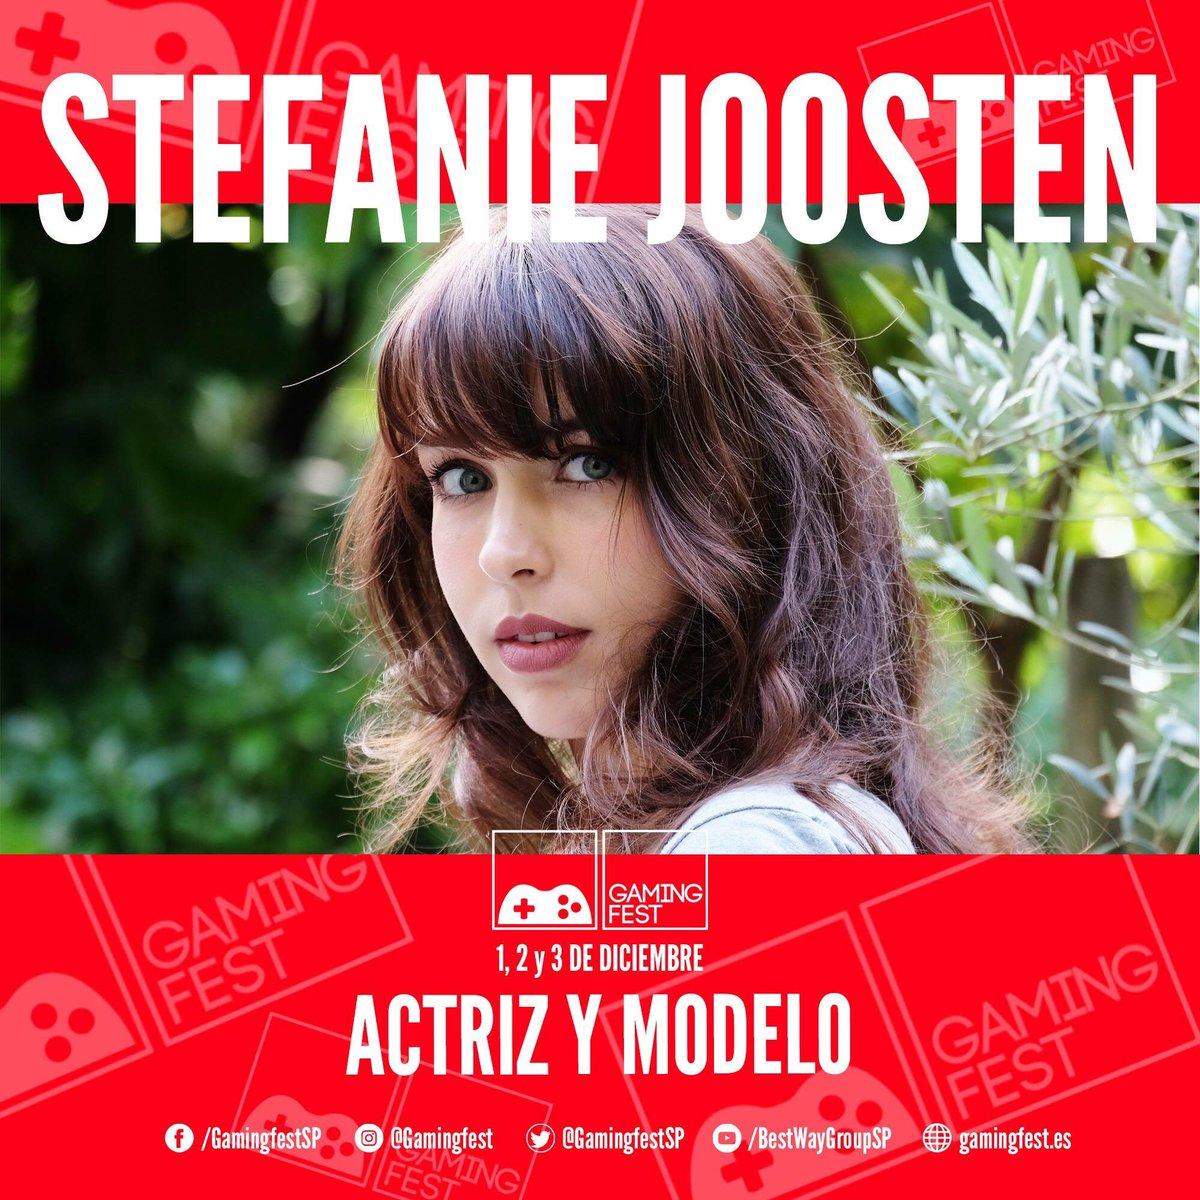 Stefanie Joosten en GamingFest